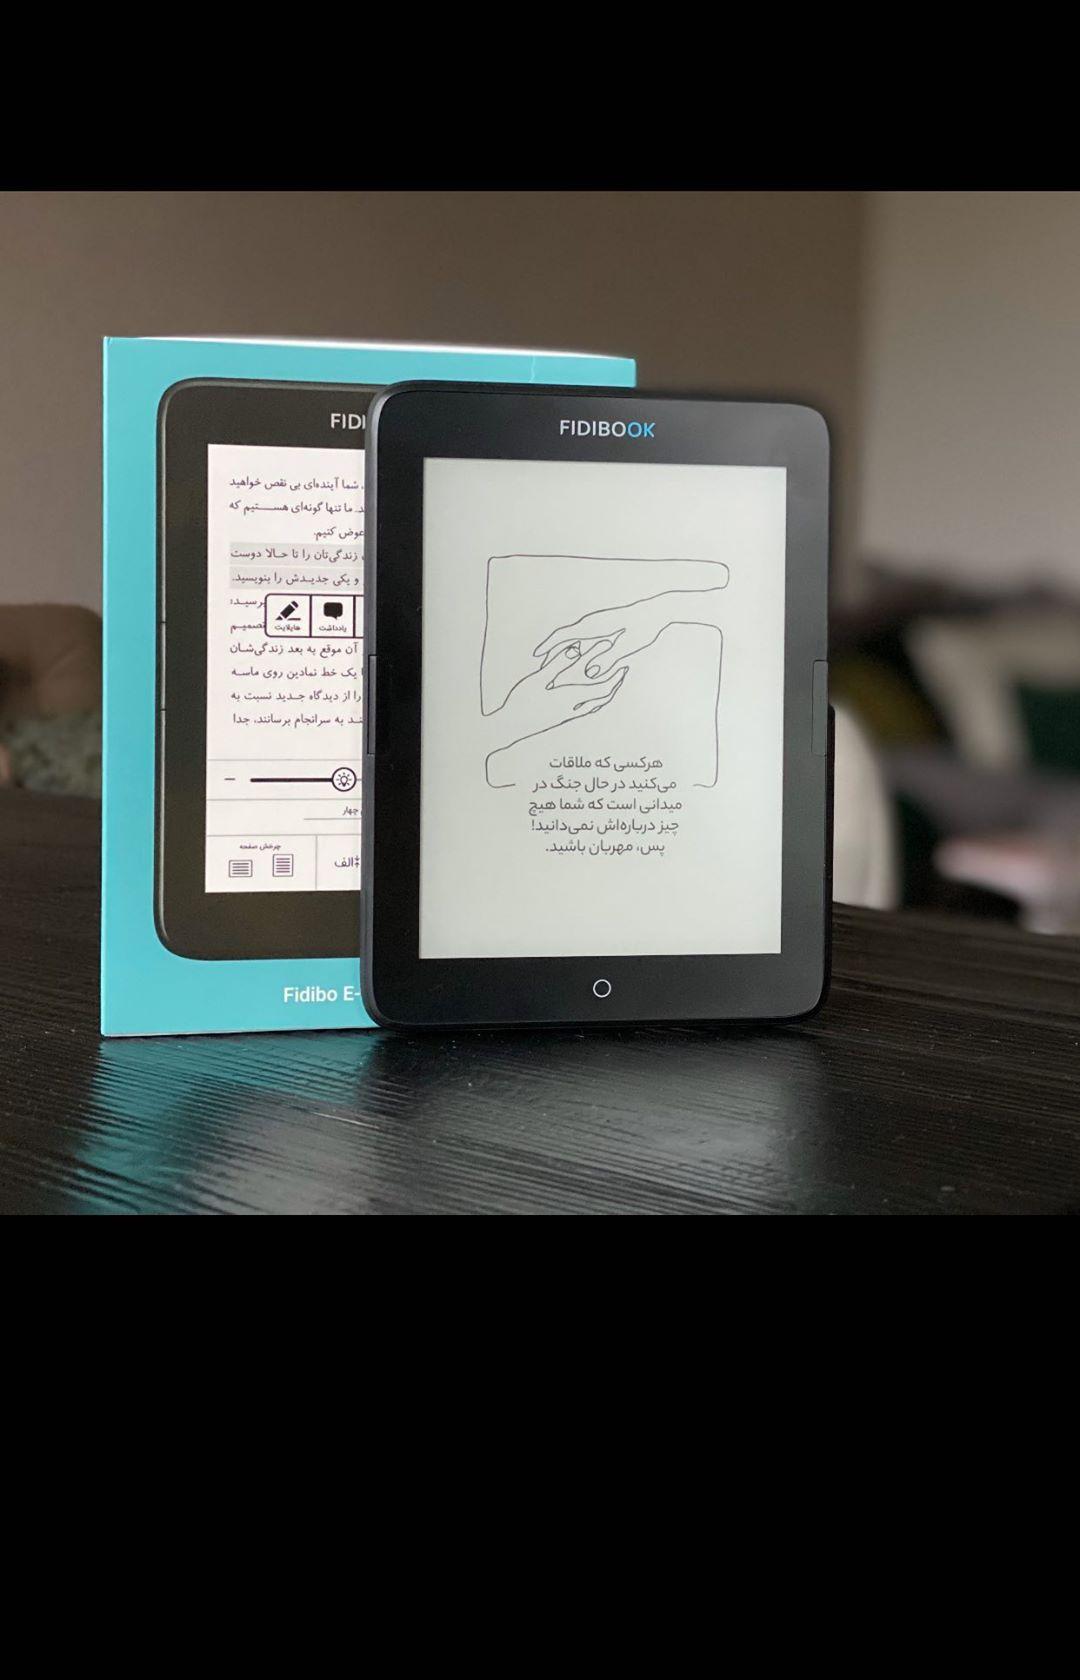 فیدیبوک، نام اولین کتابخوان ایرانی ساخت فیدیبو است که مدتی قبل معرفی شد. بعد از 2